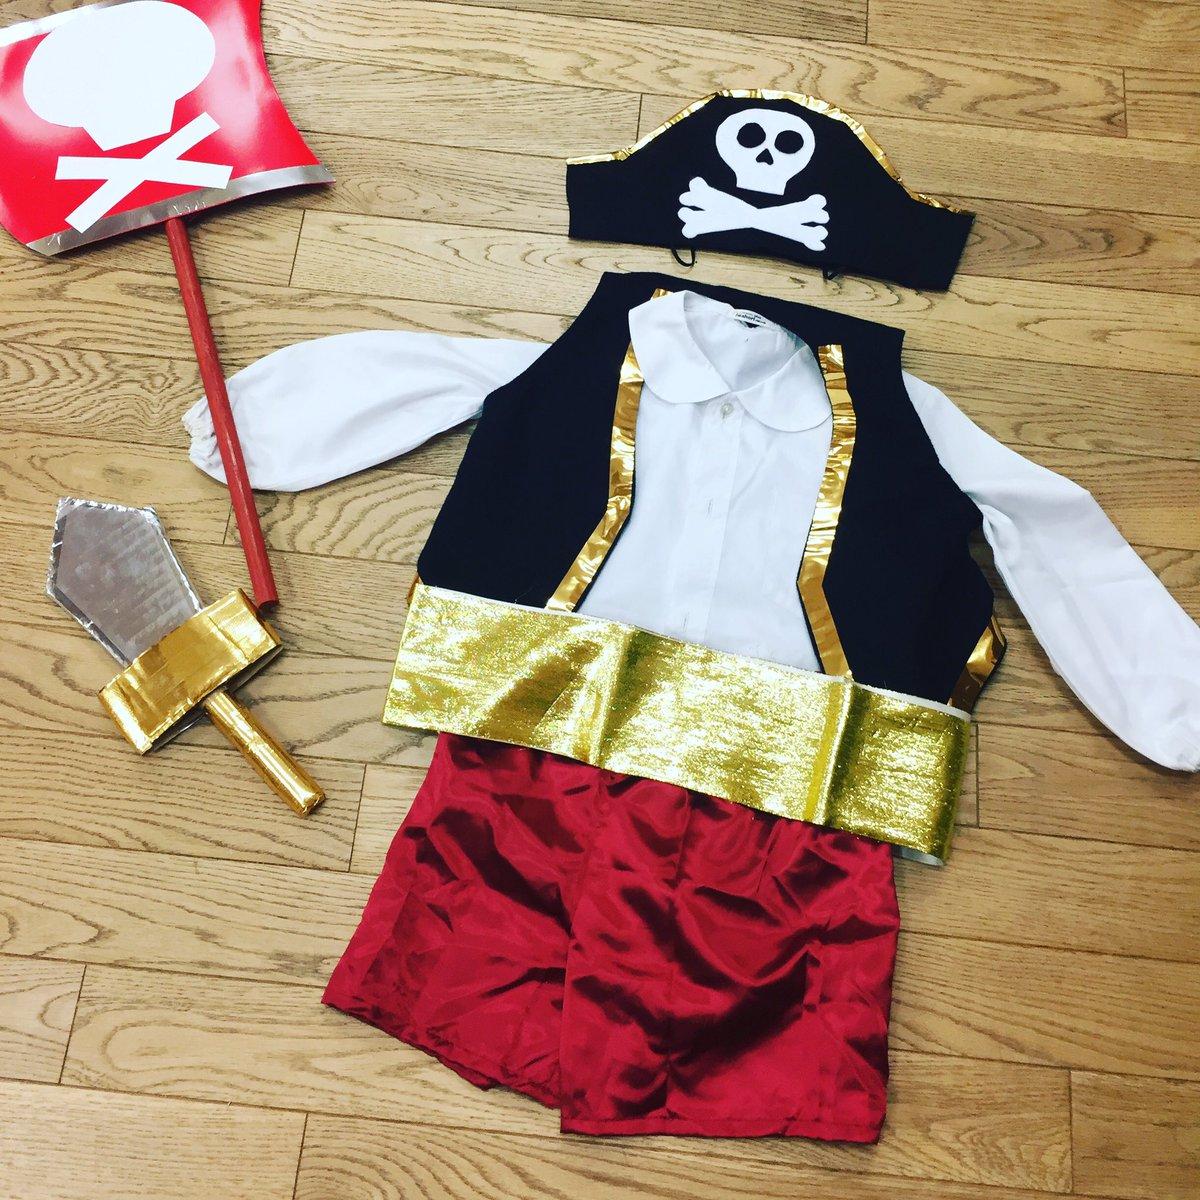 test ツイッターメディア - 今年は剣、海賊の帽子、船手作り〜💕あとはモアナのお花の冠、最後にもつハイビスカスのお花も!←写真ないけど!私のすきなディズニー攻め!海賊も登場はパイレーツの曲、モアナに最後のフィナーレはハピネスイズヒアの曲💕とことんディズニー攻め✌🏻 https://t.co/cW6Y1SBSGP